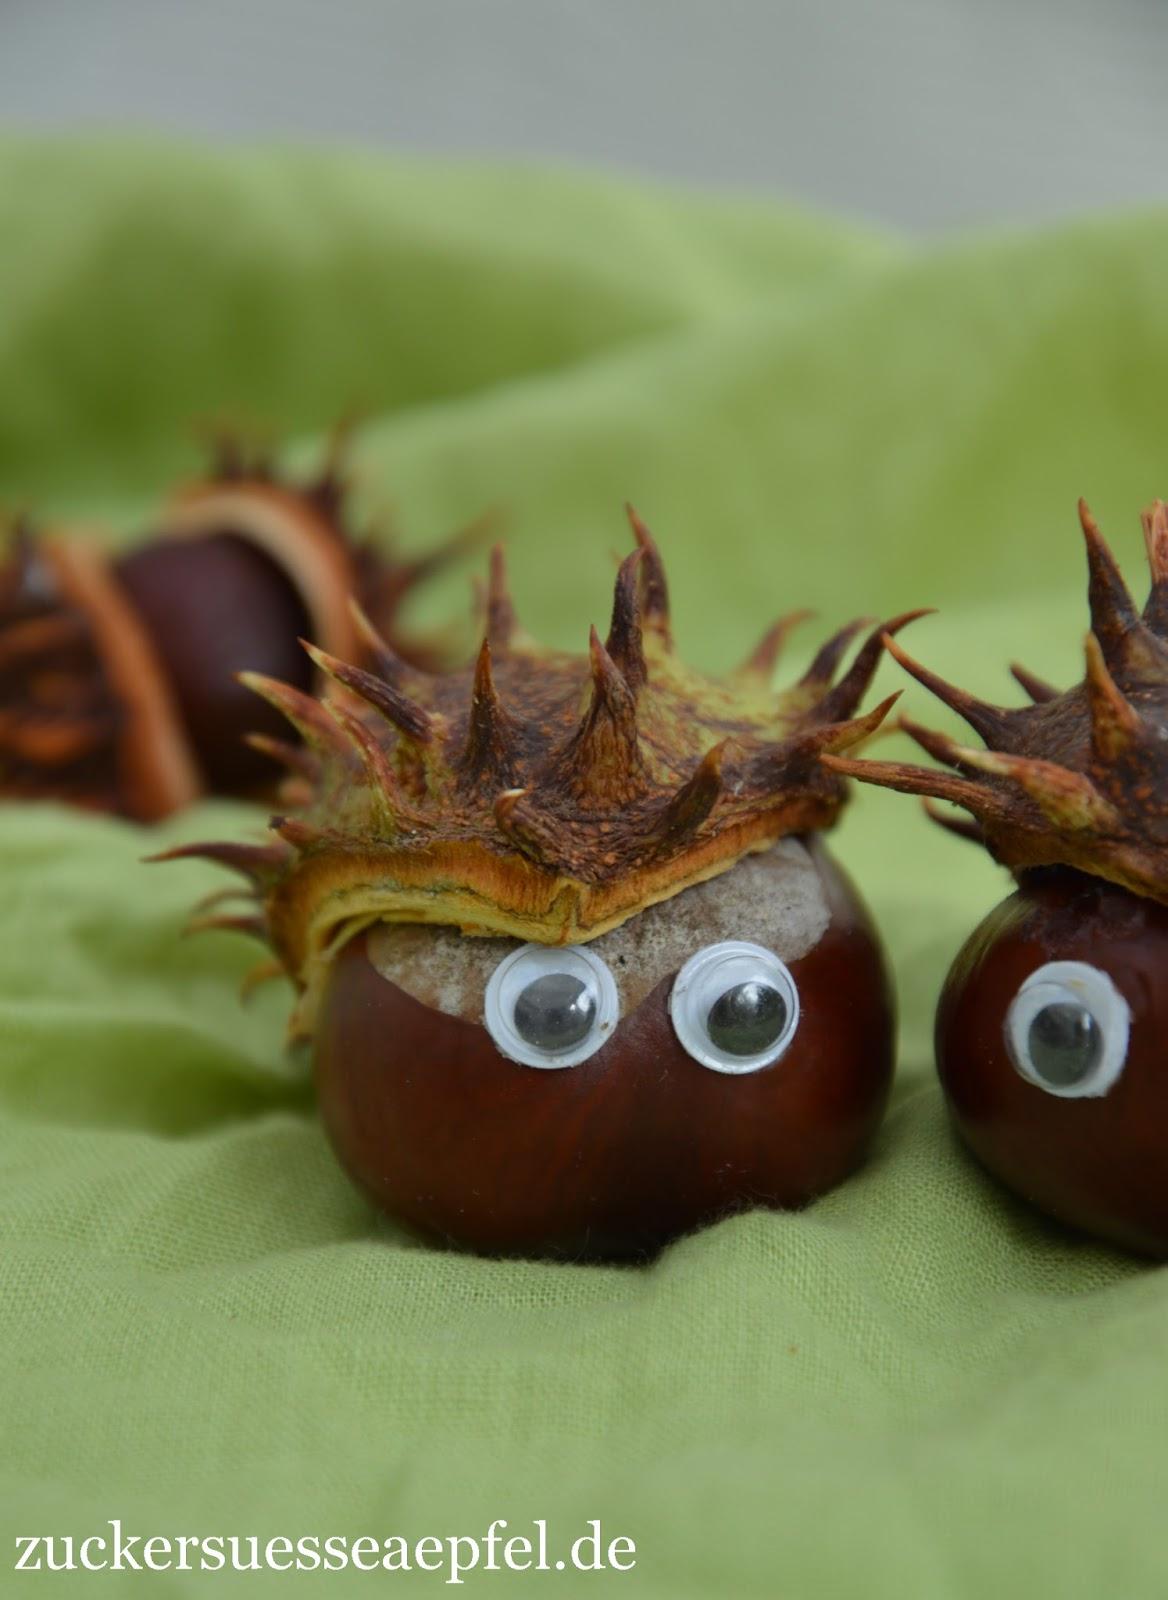 Kinderleichte Kastanienigel Basteln Zuckersüße äpfel